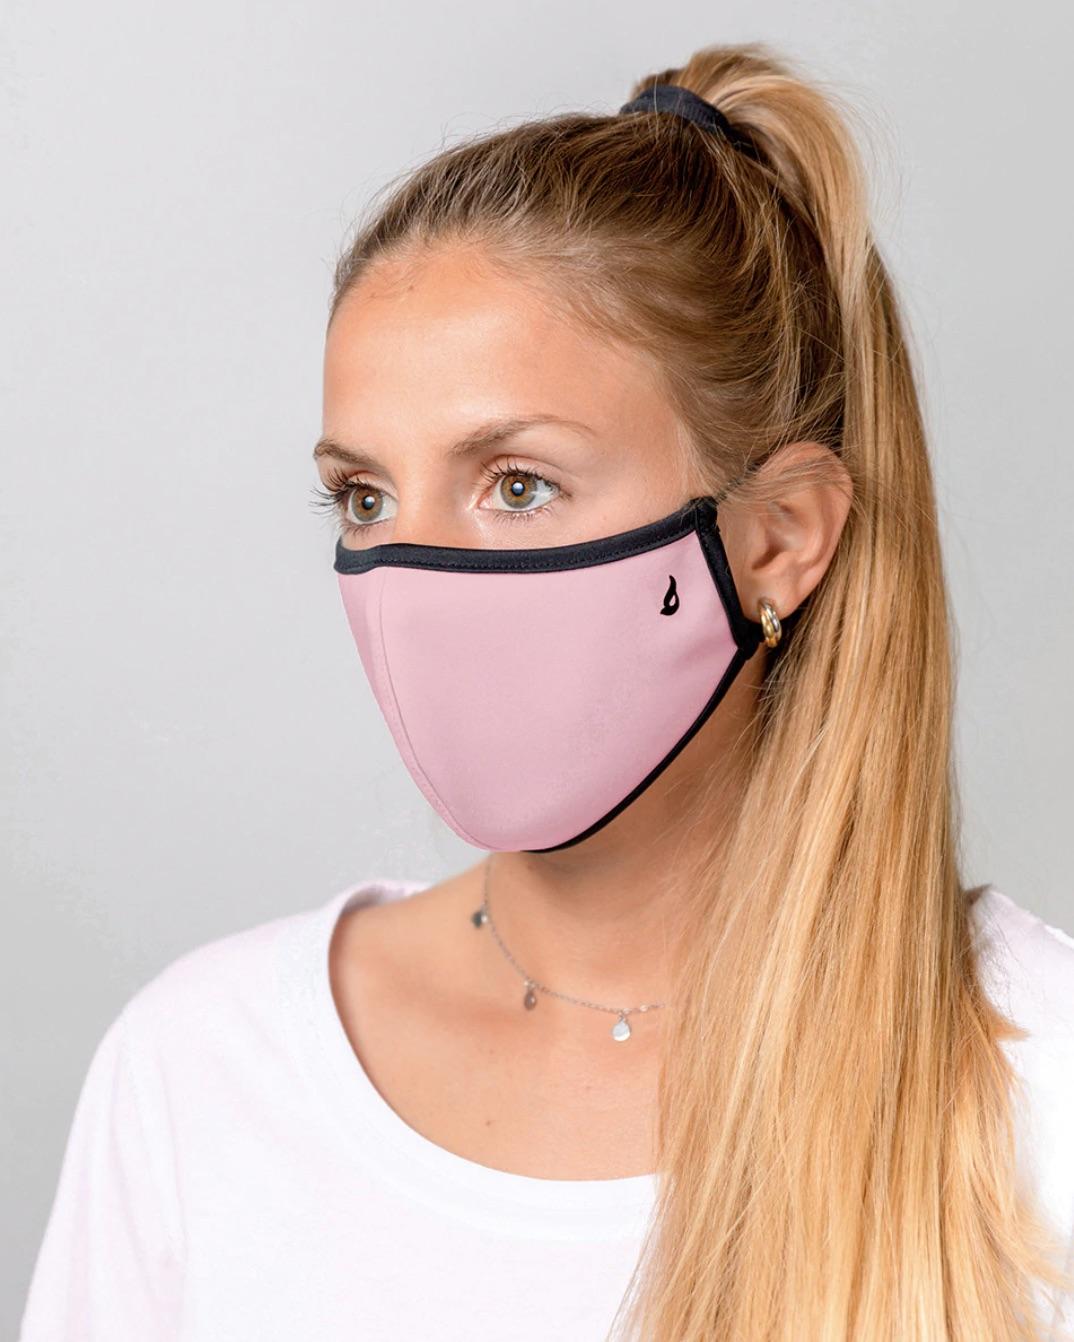 Mascarilla de tela higiénica lavable y reutilizable para adulto en rosa liso.